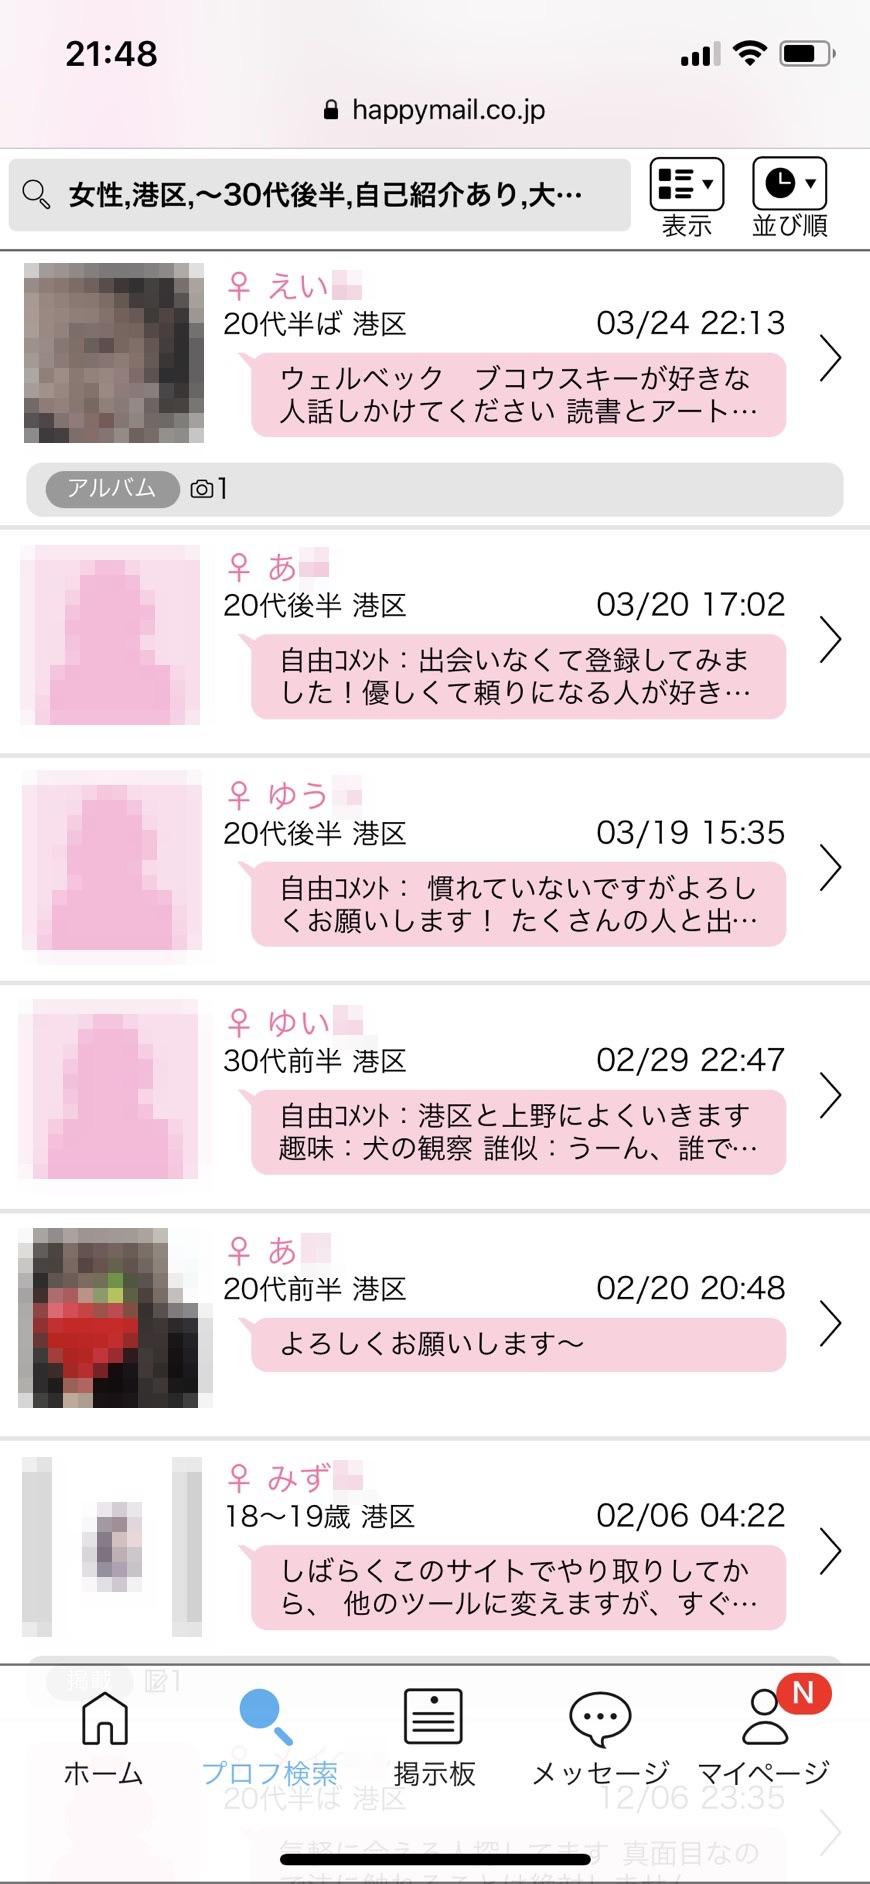 六本木・セフレ希望(ハッピーメール)